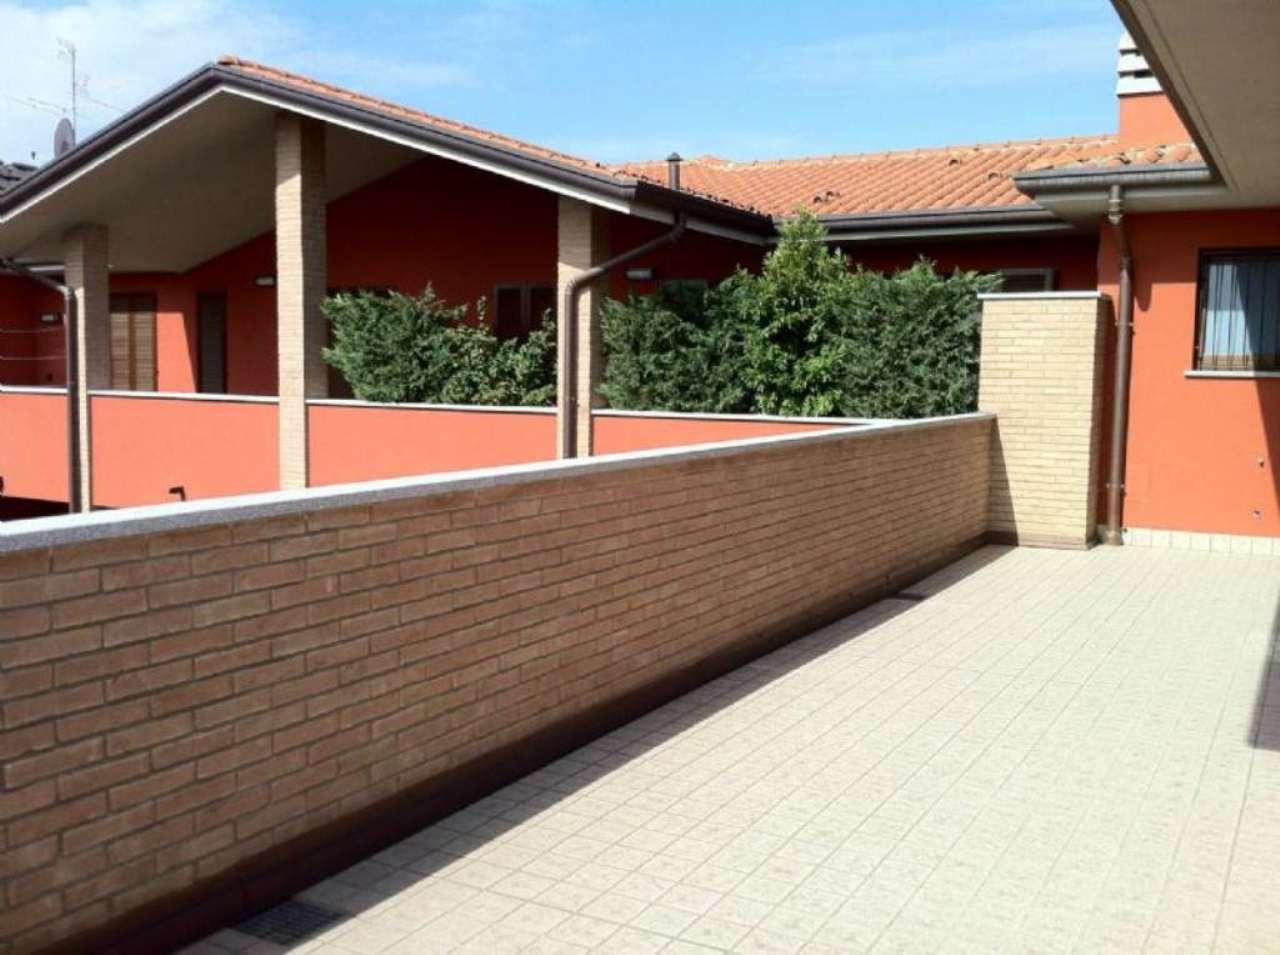 Vendita  bilocale Cassano d Adda Via Tornaghi,59 1 1055506